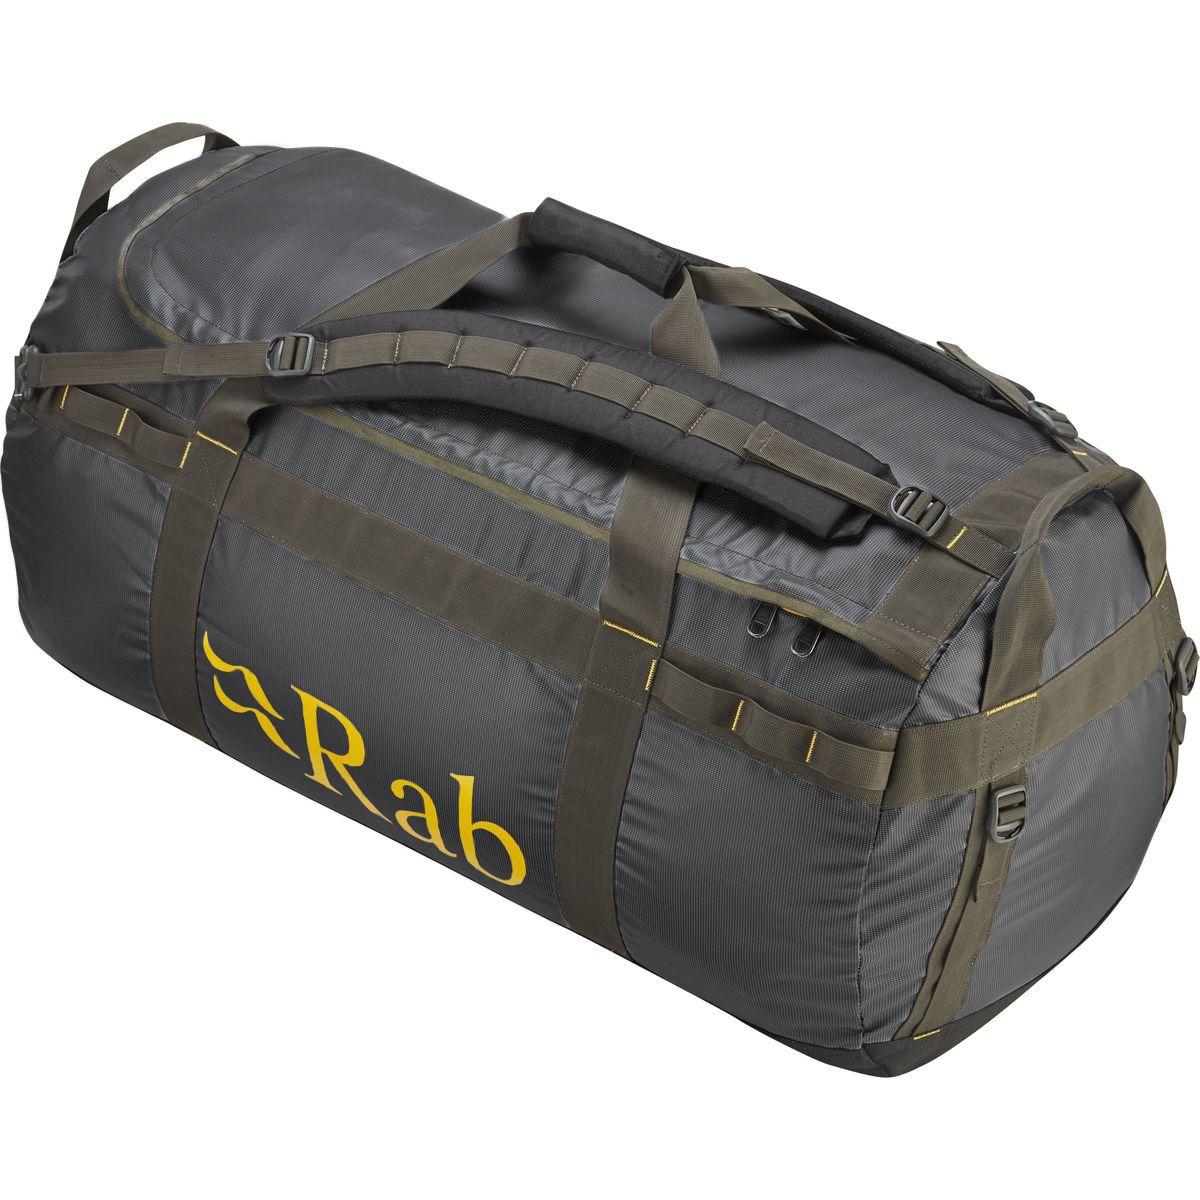 Rab Expedition Kitbag MKII